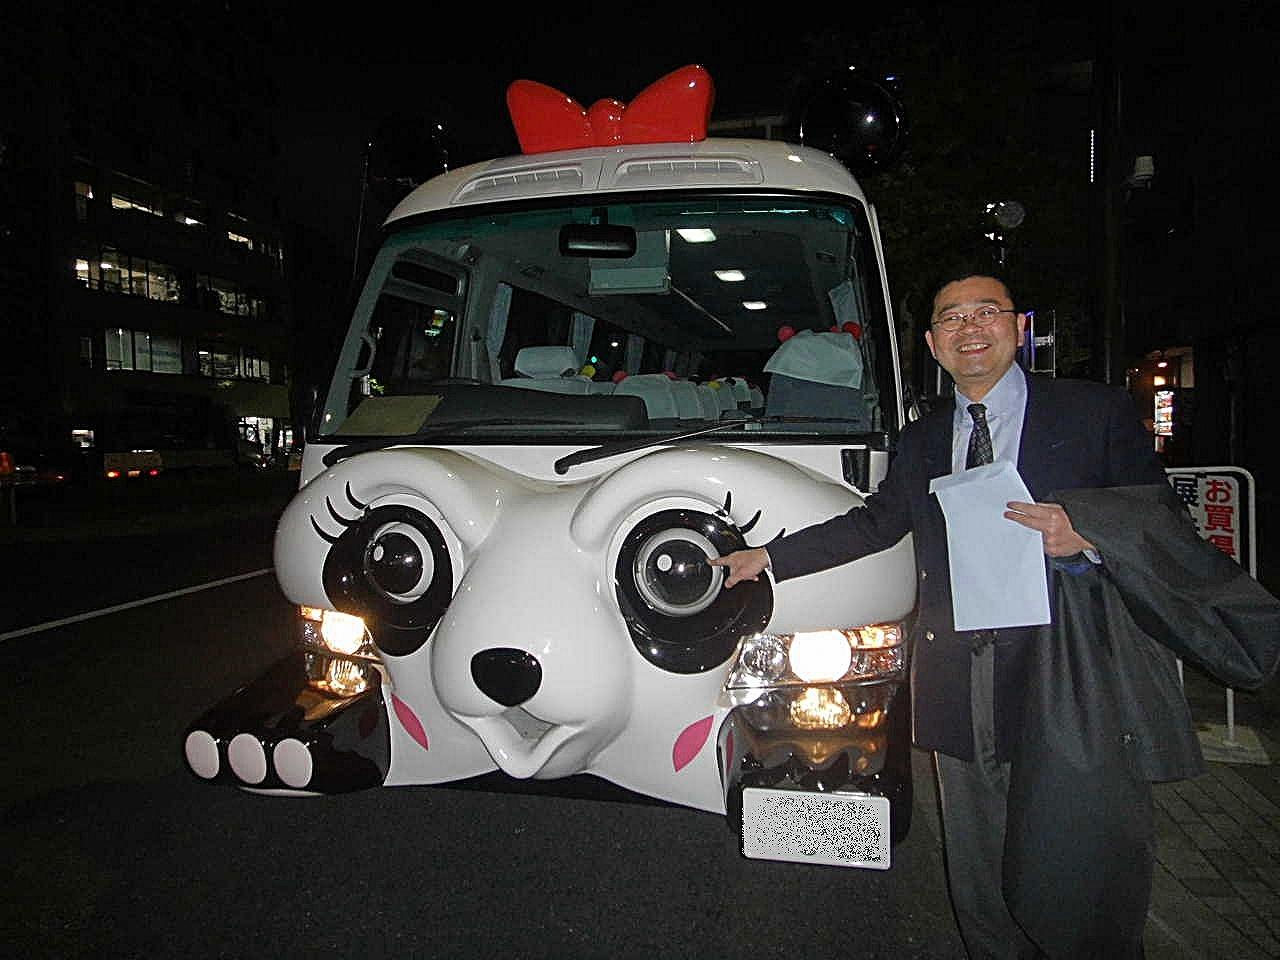 上野〜浅草を循環するシャトルバス「パンダバス」の修理を承りました。今日の丸大にアップしています。